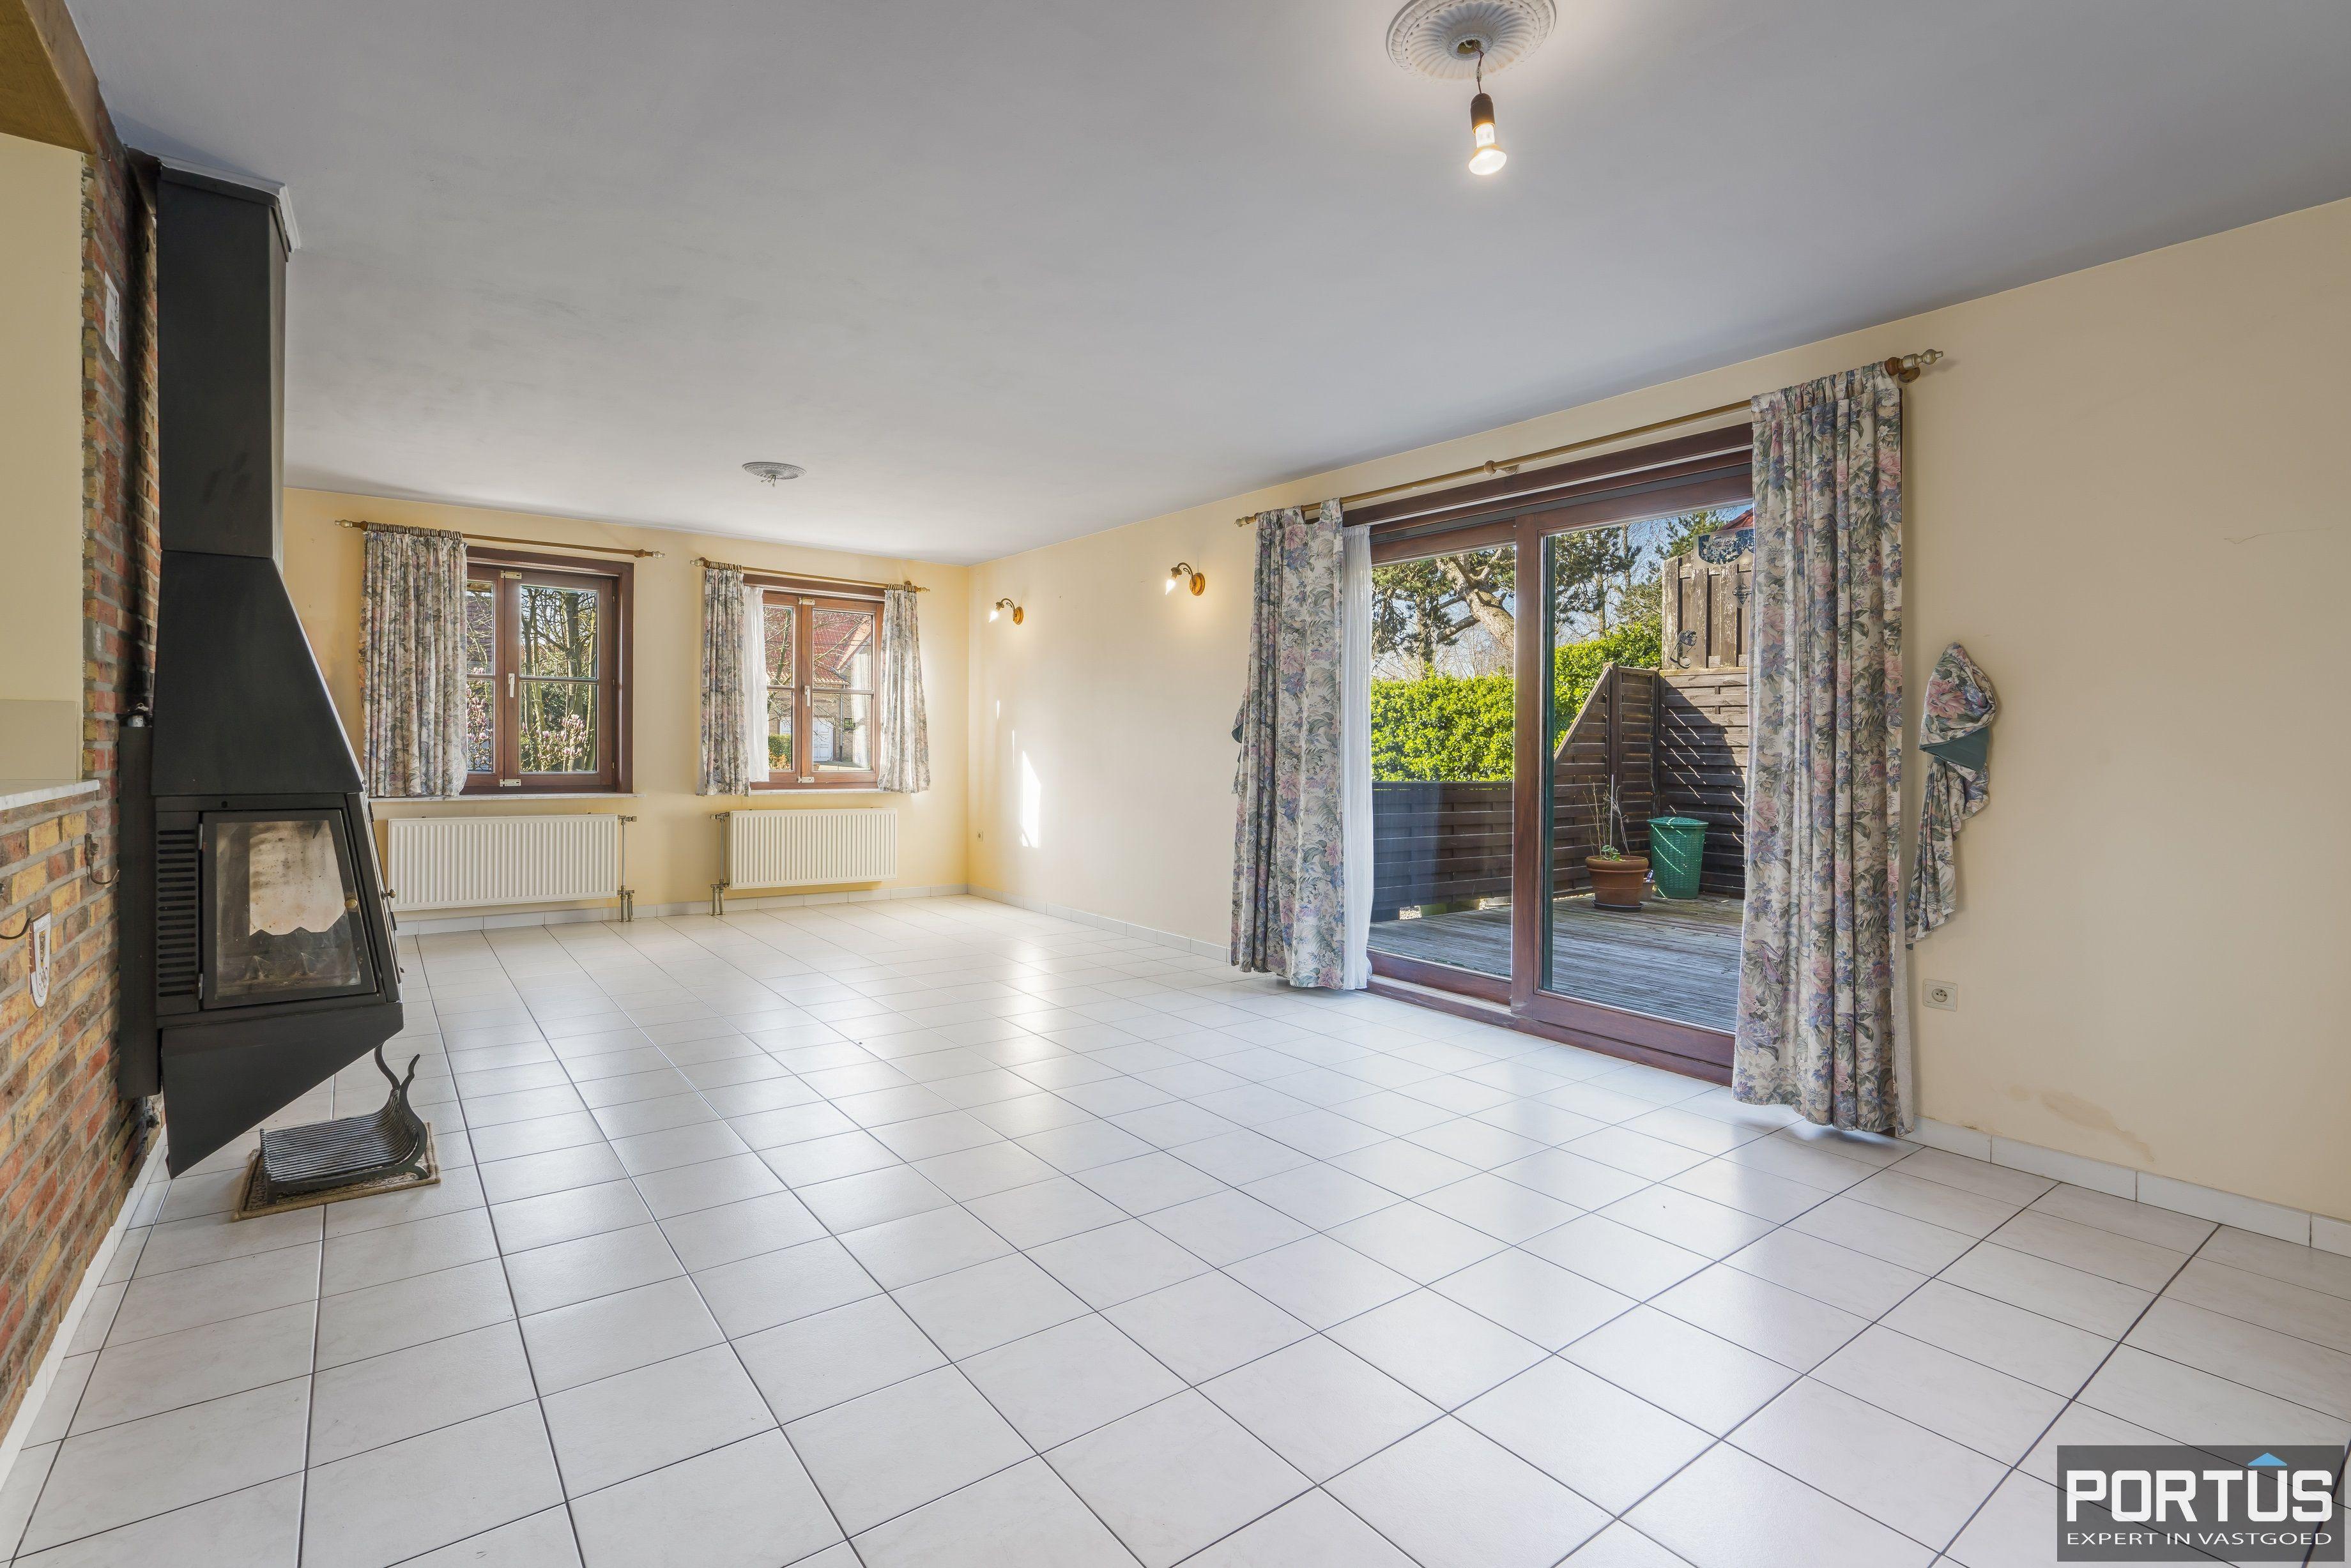 Villa te koop met 3 slaapkamers te Nieuwpoort - 14008